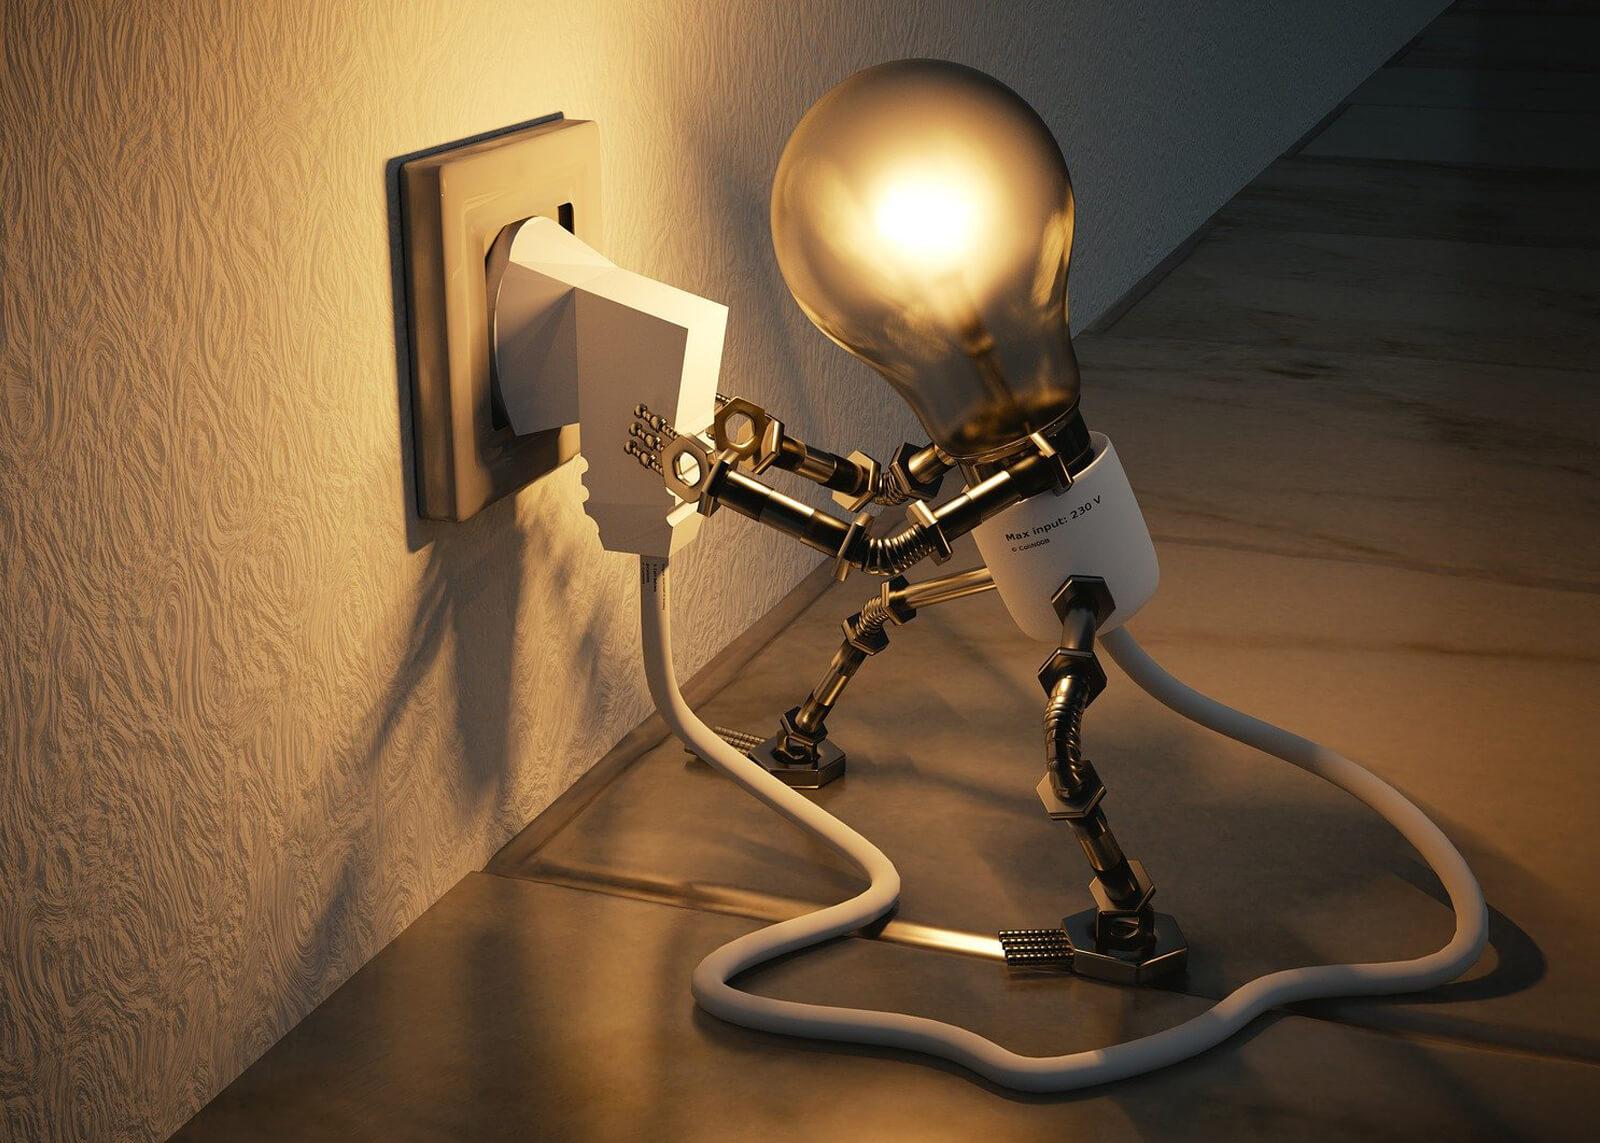 LED light safe